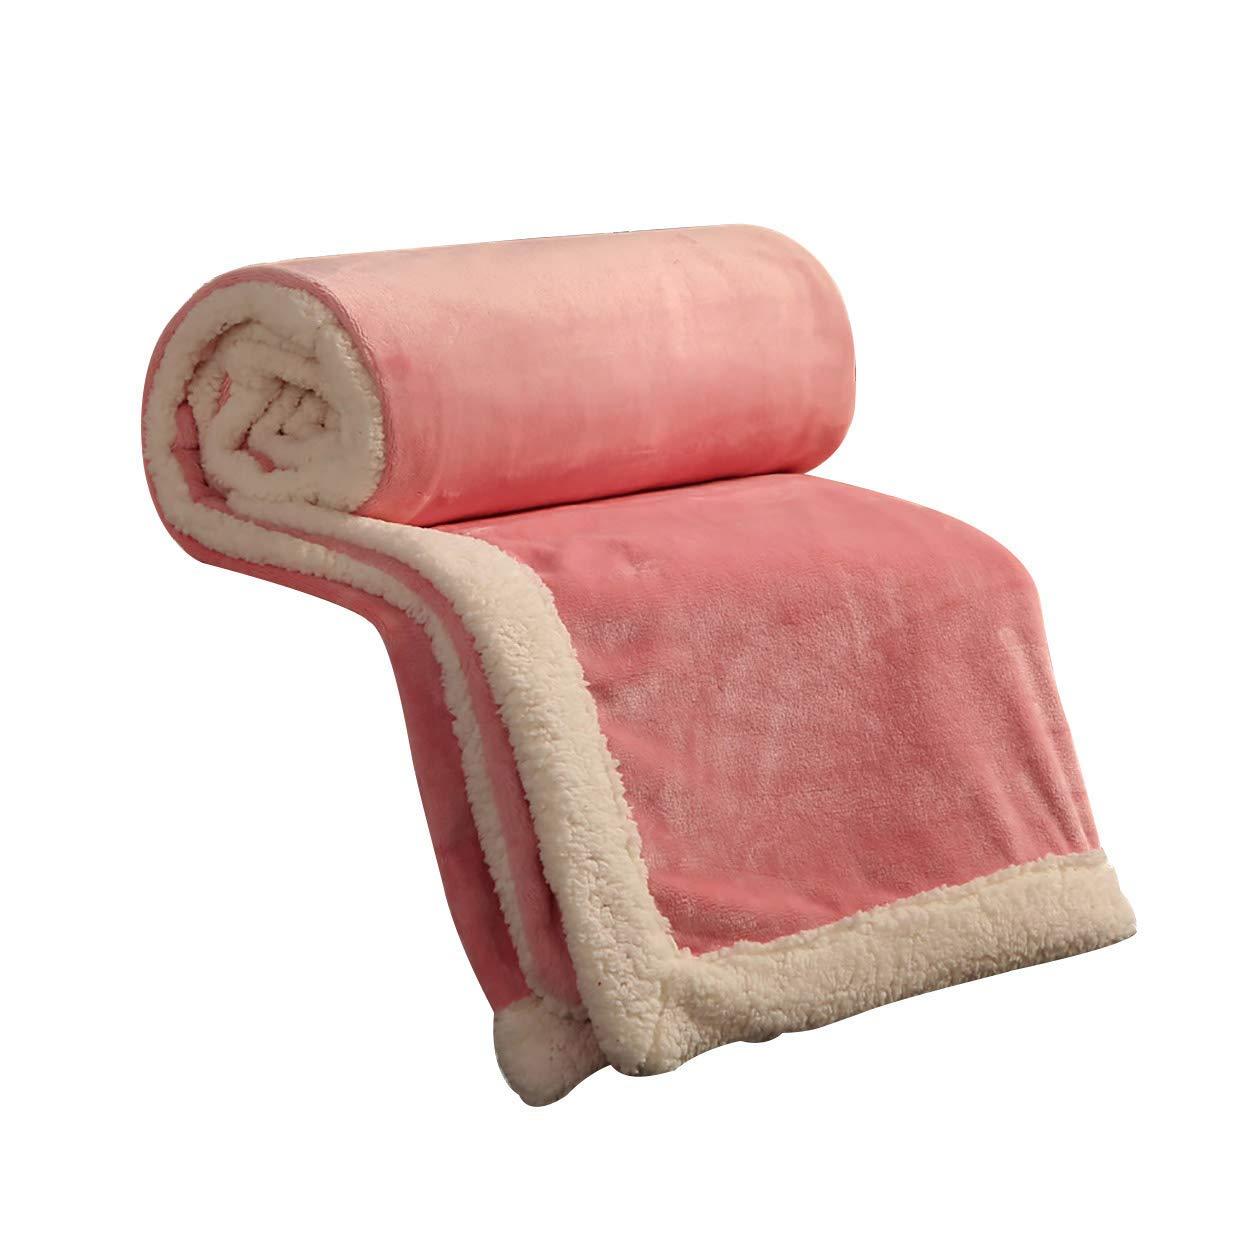 フェイクファー毛布フェイクファー、無地毛布学生寮女性冬厚いサンゴフリース毛布暖かいシートキルト(色:A、サイズ:150× 200 cm) B07QLKHPZK